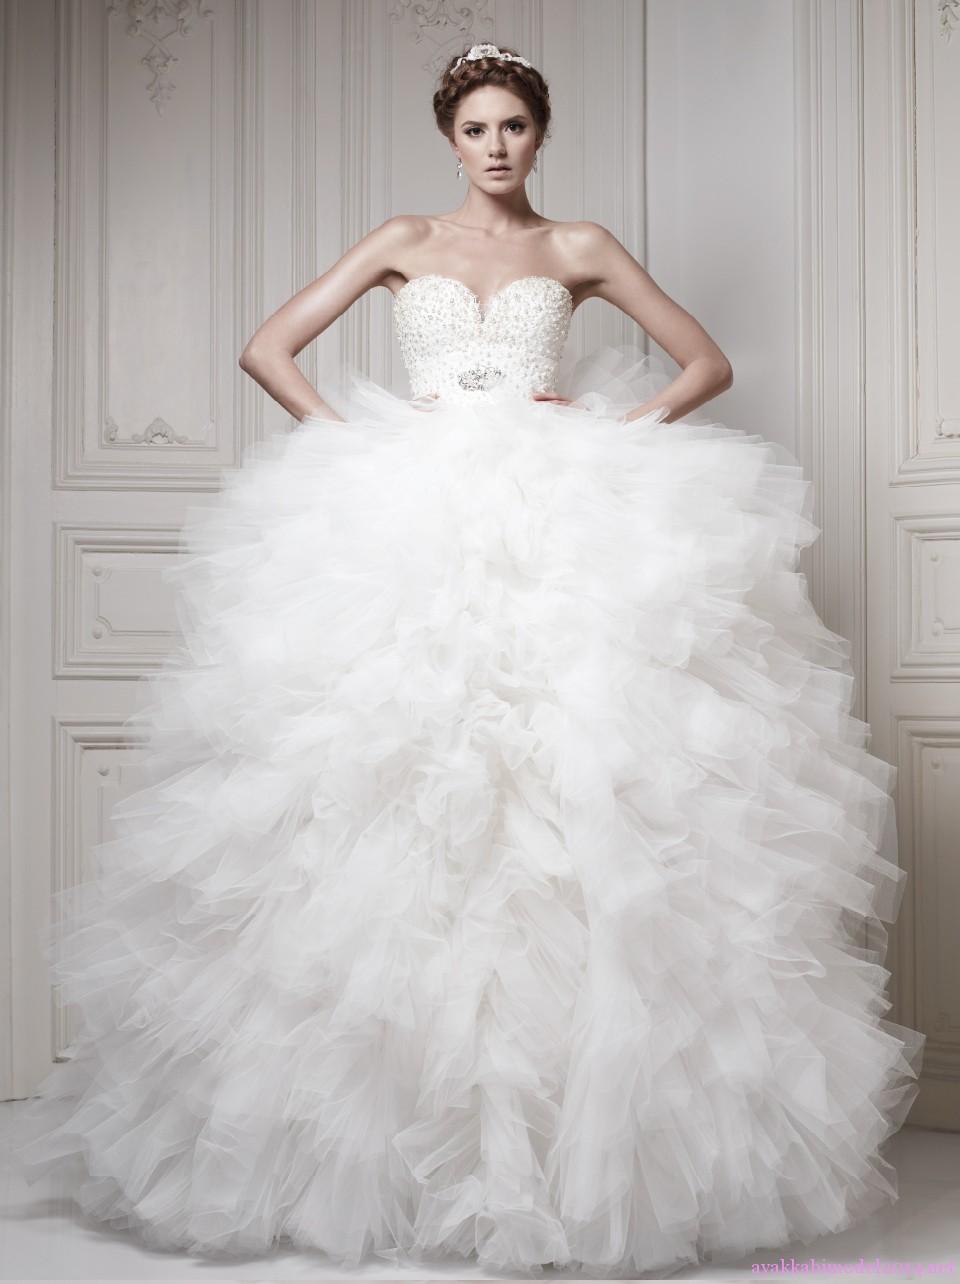 اروع تشكيلة فساتين زفاف منفوشة 2015